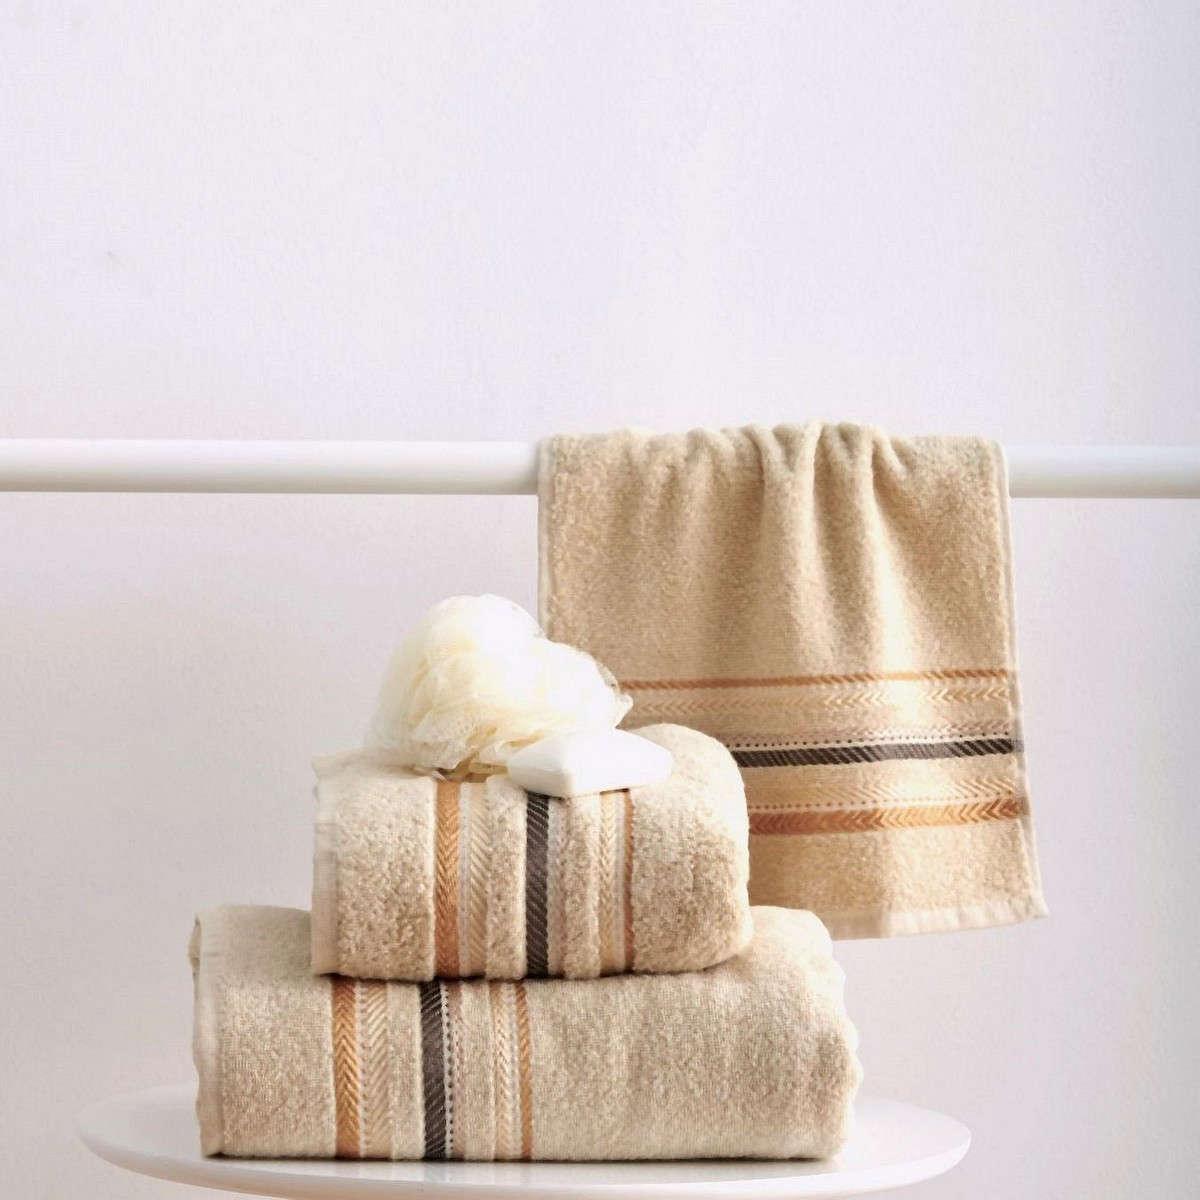 Πετσέτες Σετ 3Τεμ. Timothy Cream Sb Home Σετ Πετσέτες